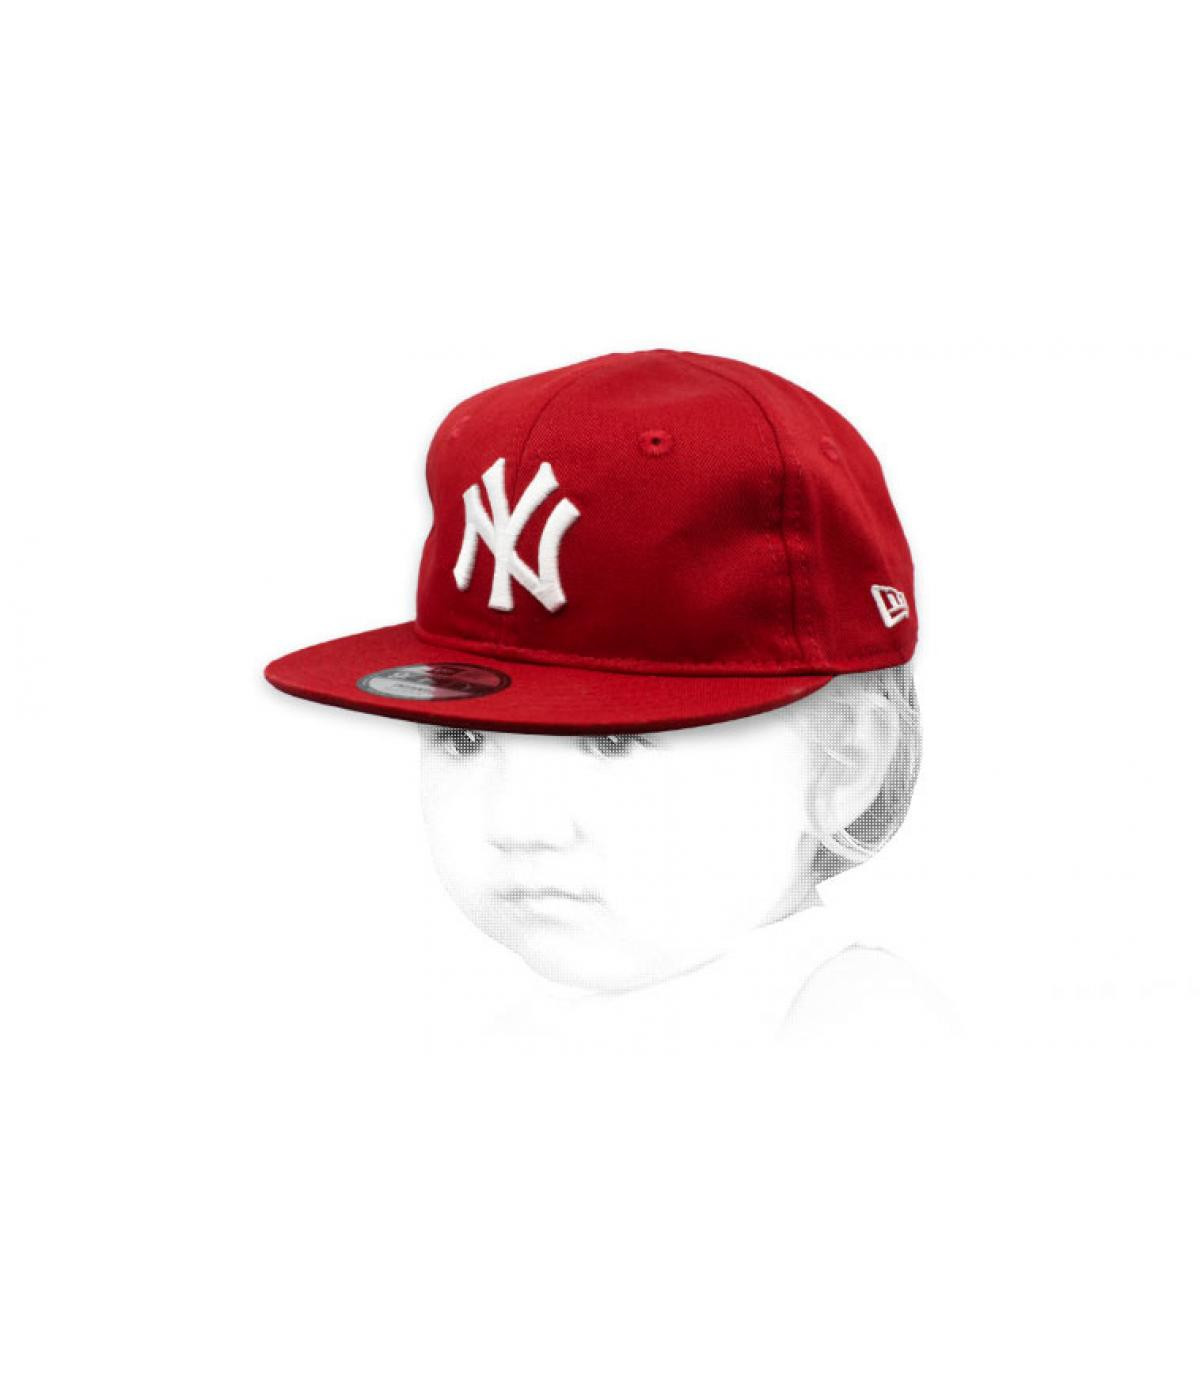 2ea033d51c3 Rote Cap - Online Shop